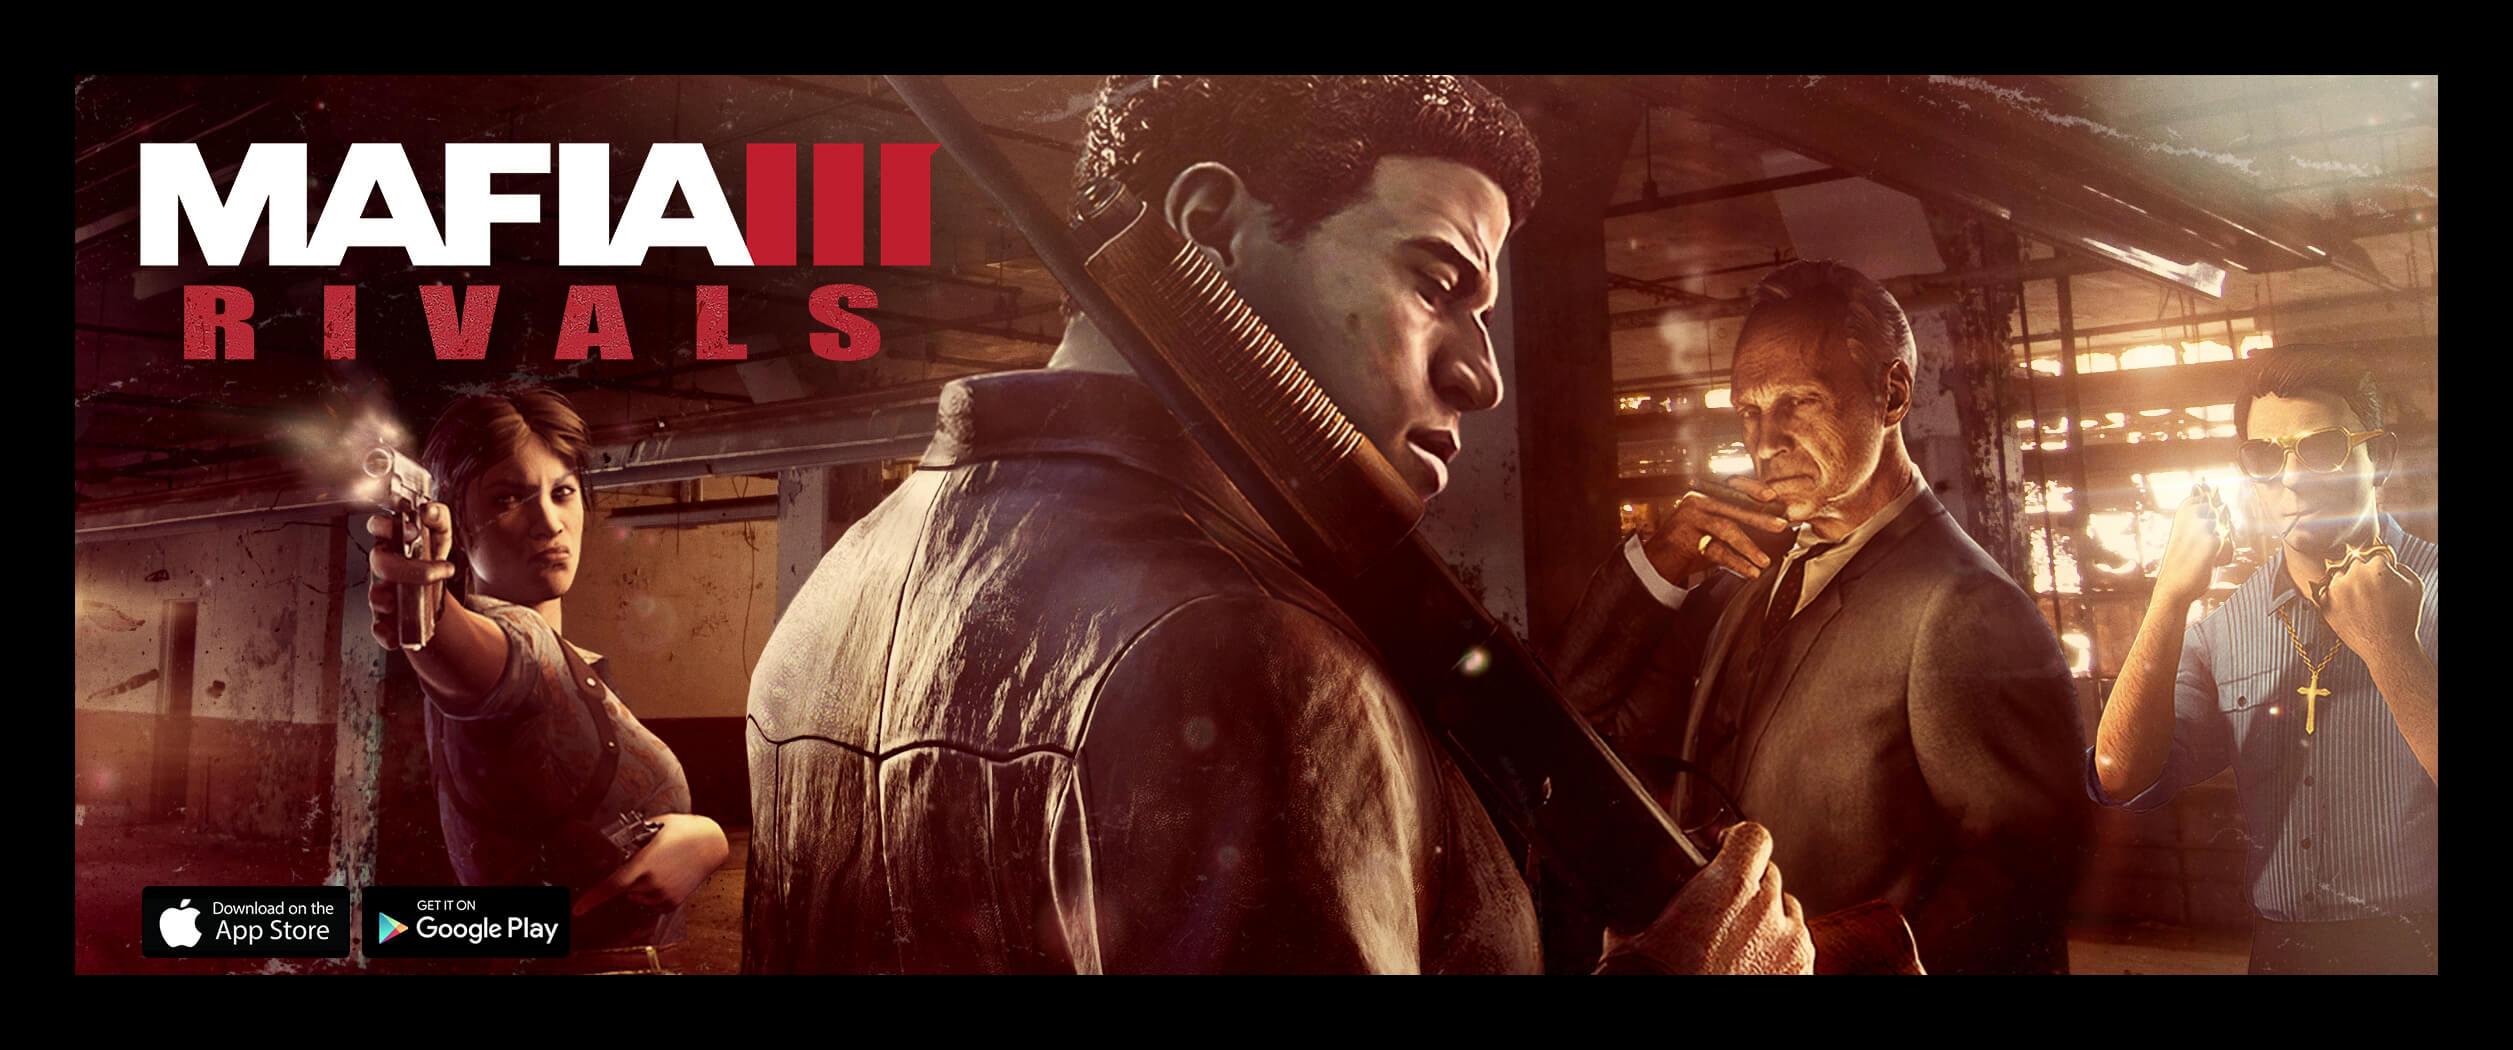 Mafia 3: Rivals für iOS